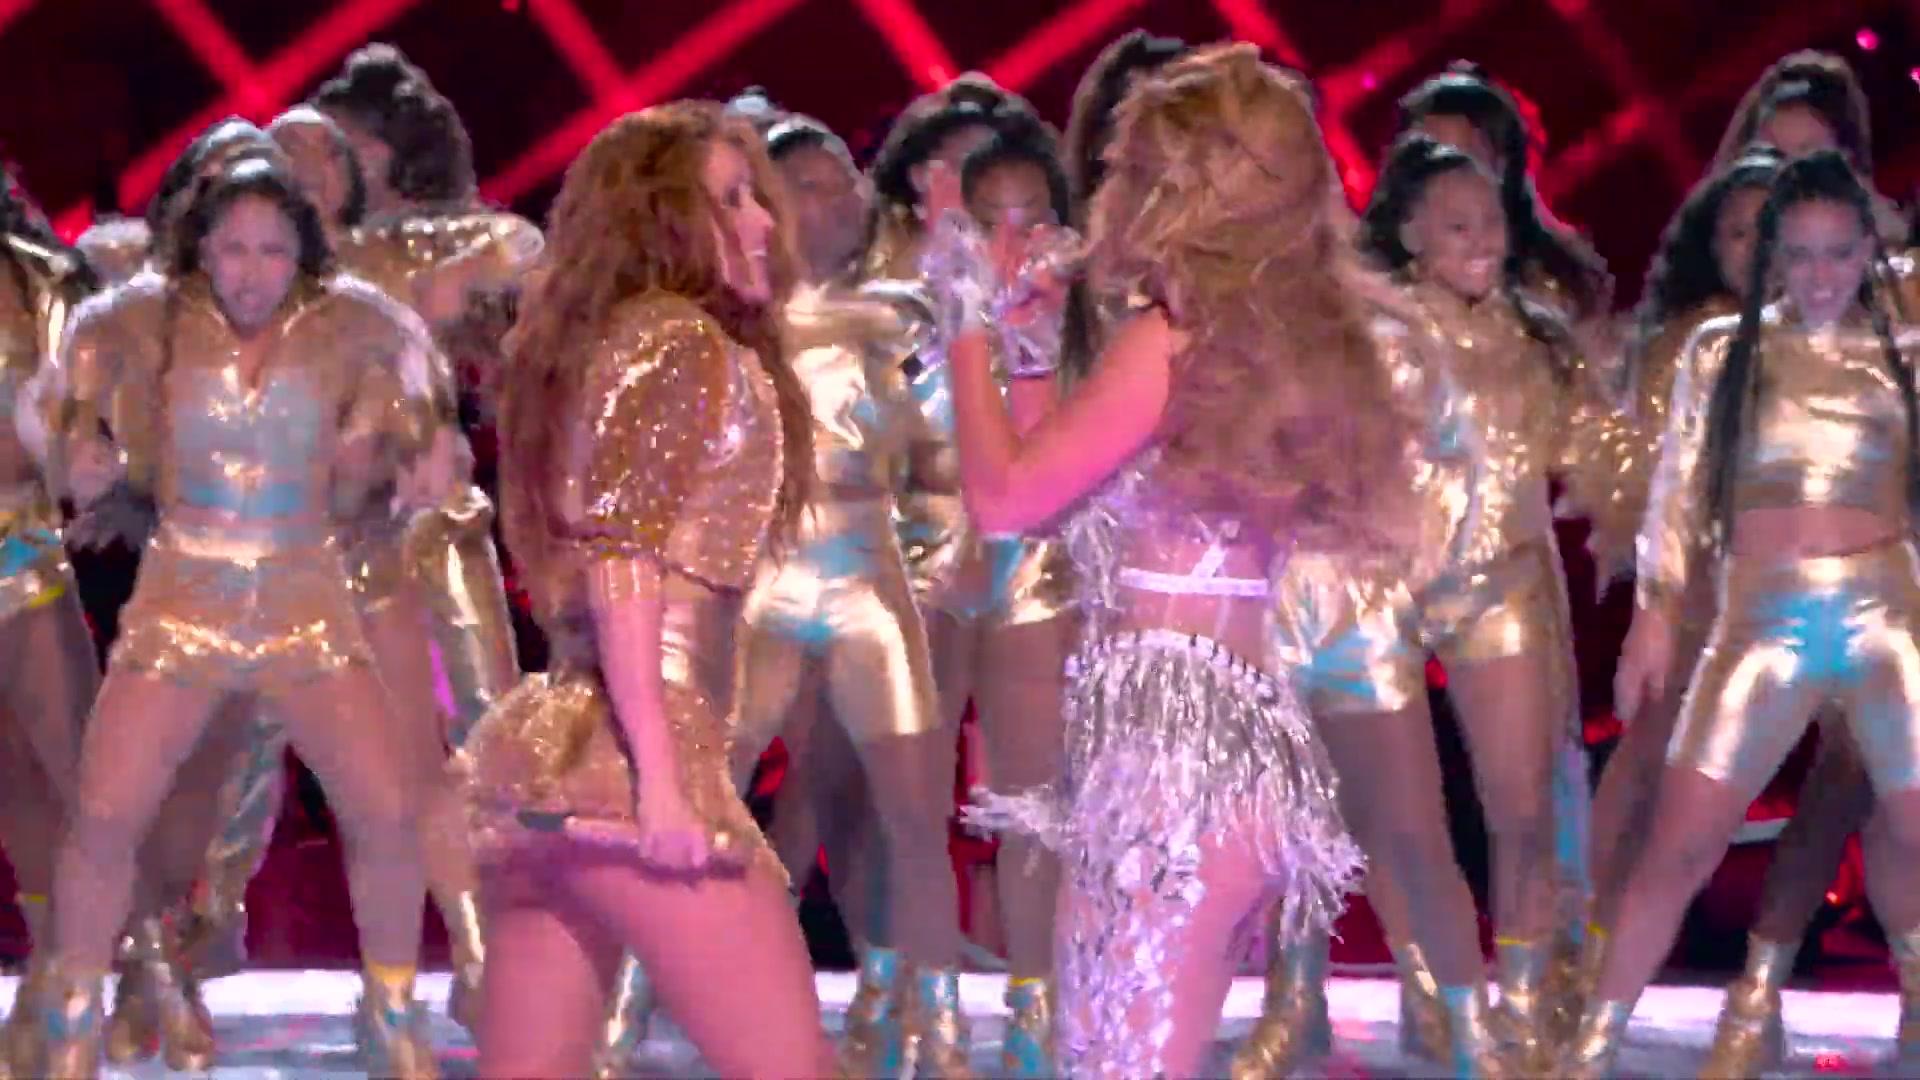 Shakira & Jennifer Lopez's Pepsi Super Bowl LIV Halftime Show 2020